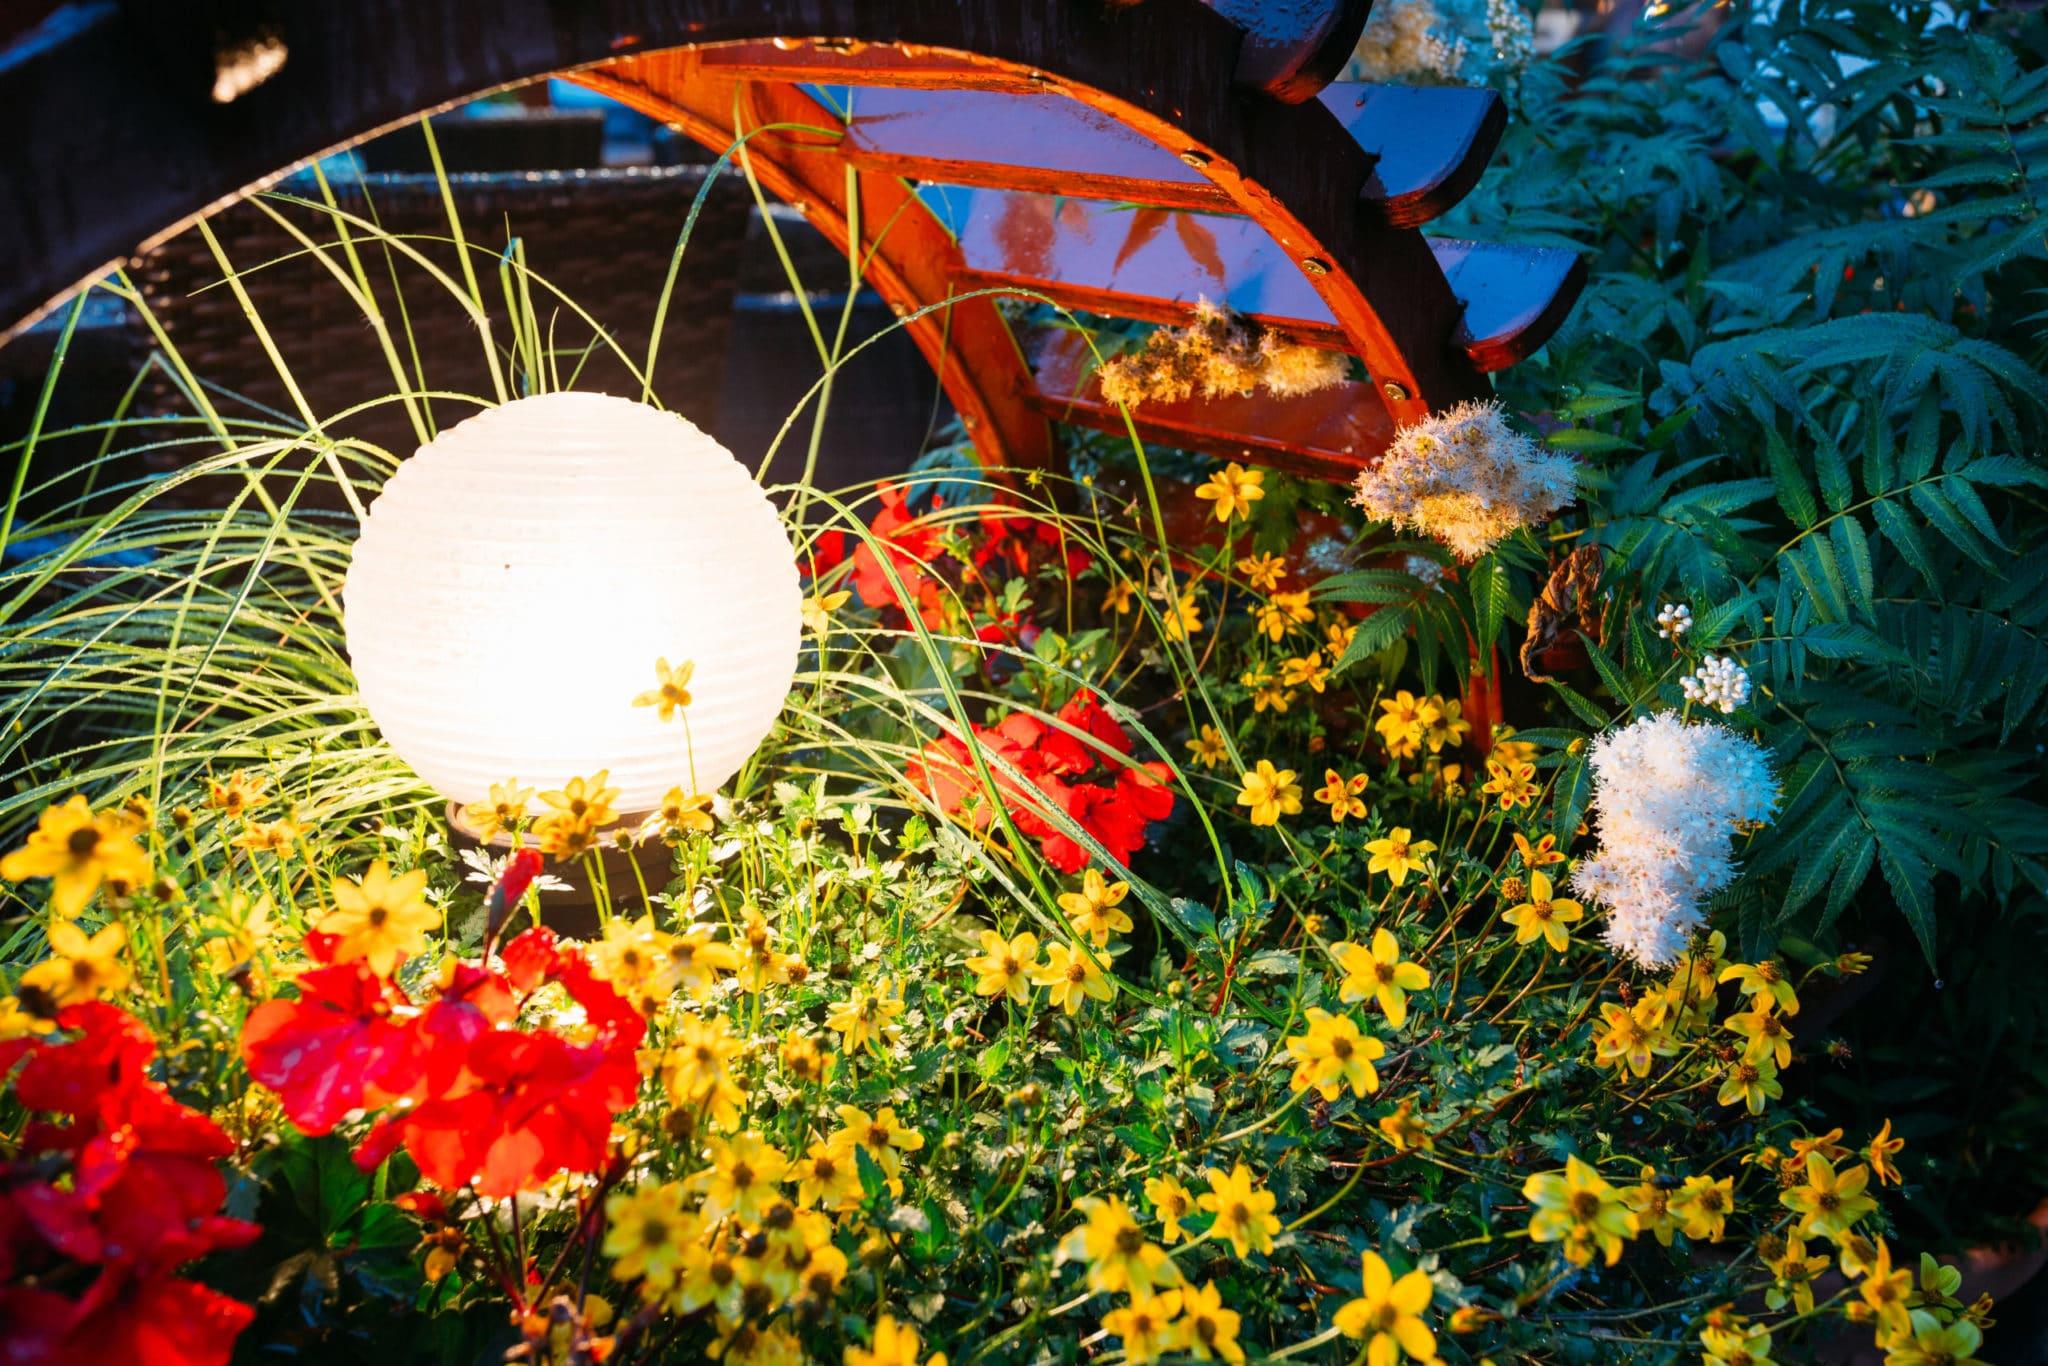 Schöne Beleuchtung im Garten hebt die Stimmung